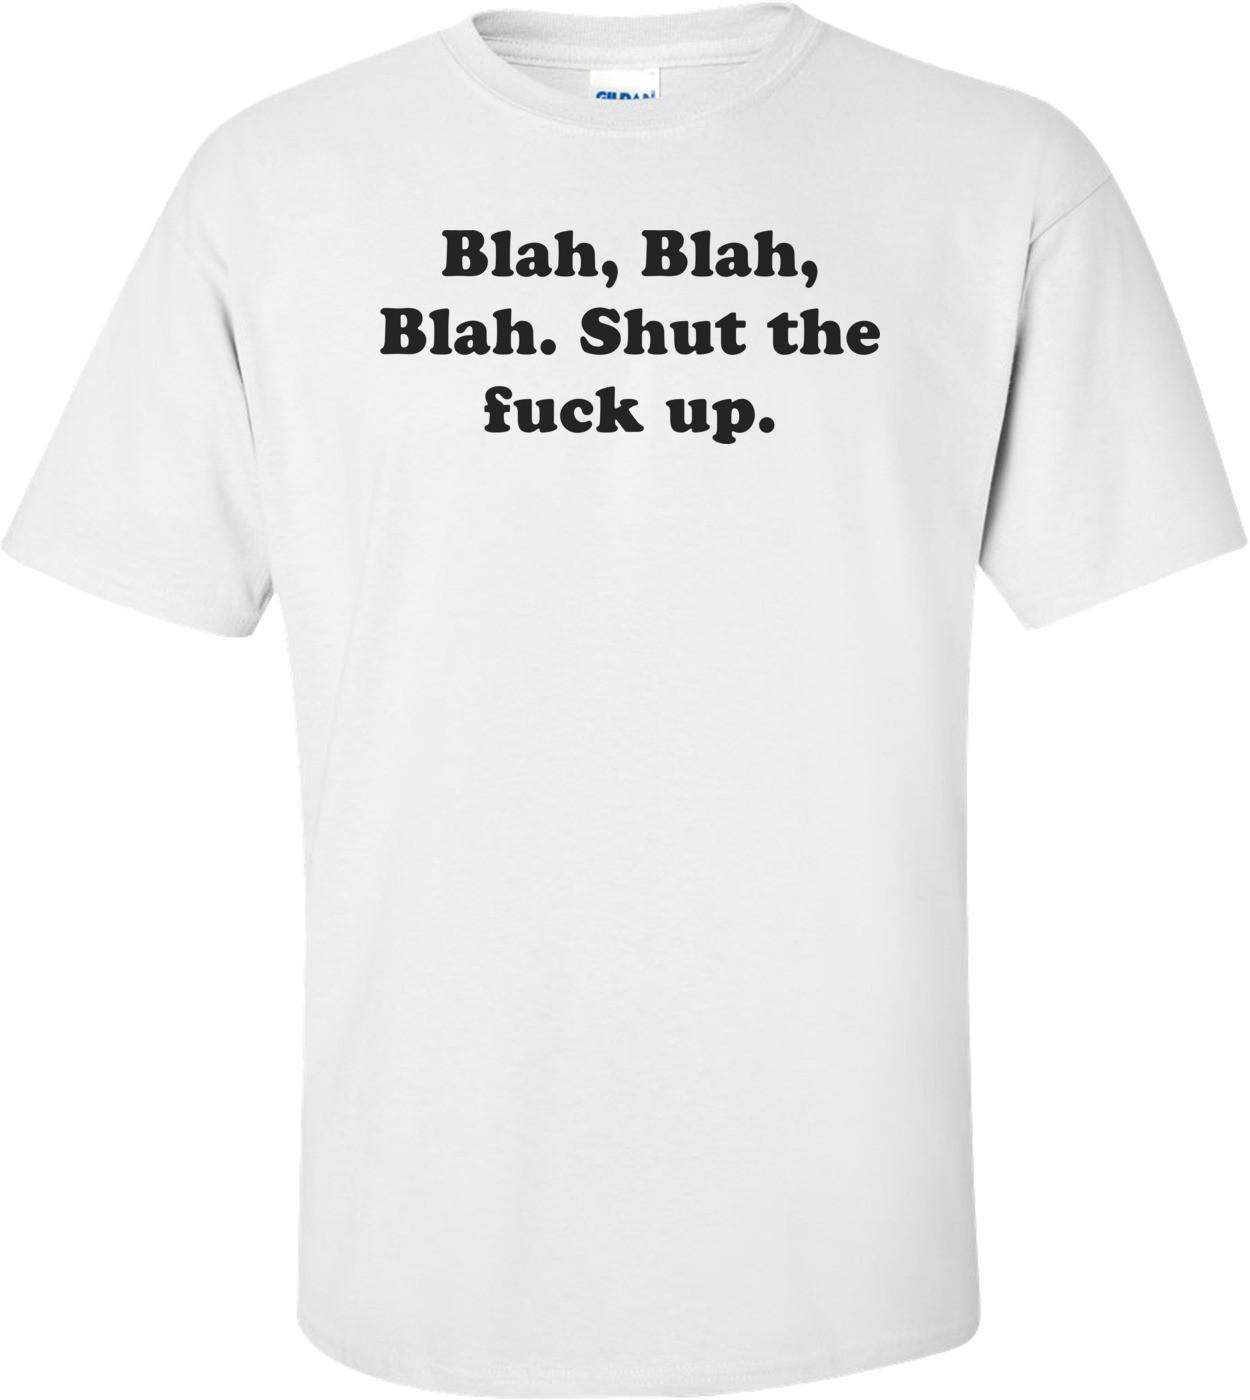 Blah, Blah, Blah. Shut the fuck up. Shirt